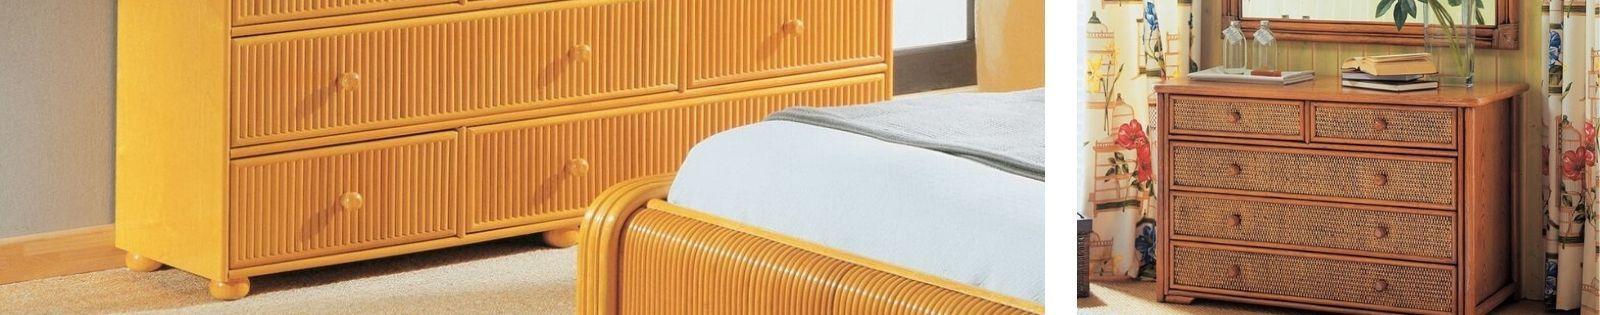 Commodes en rotin : meubles haut de gamme de fabrication espagnole.